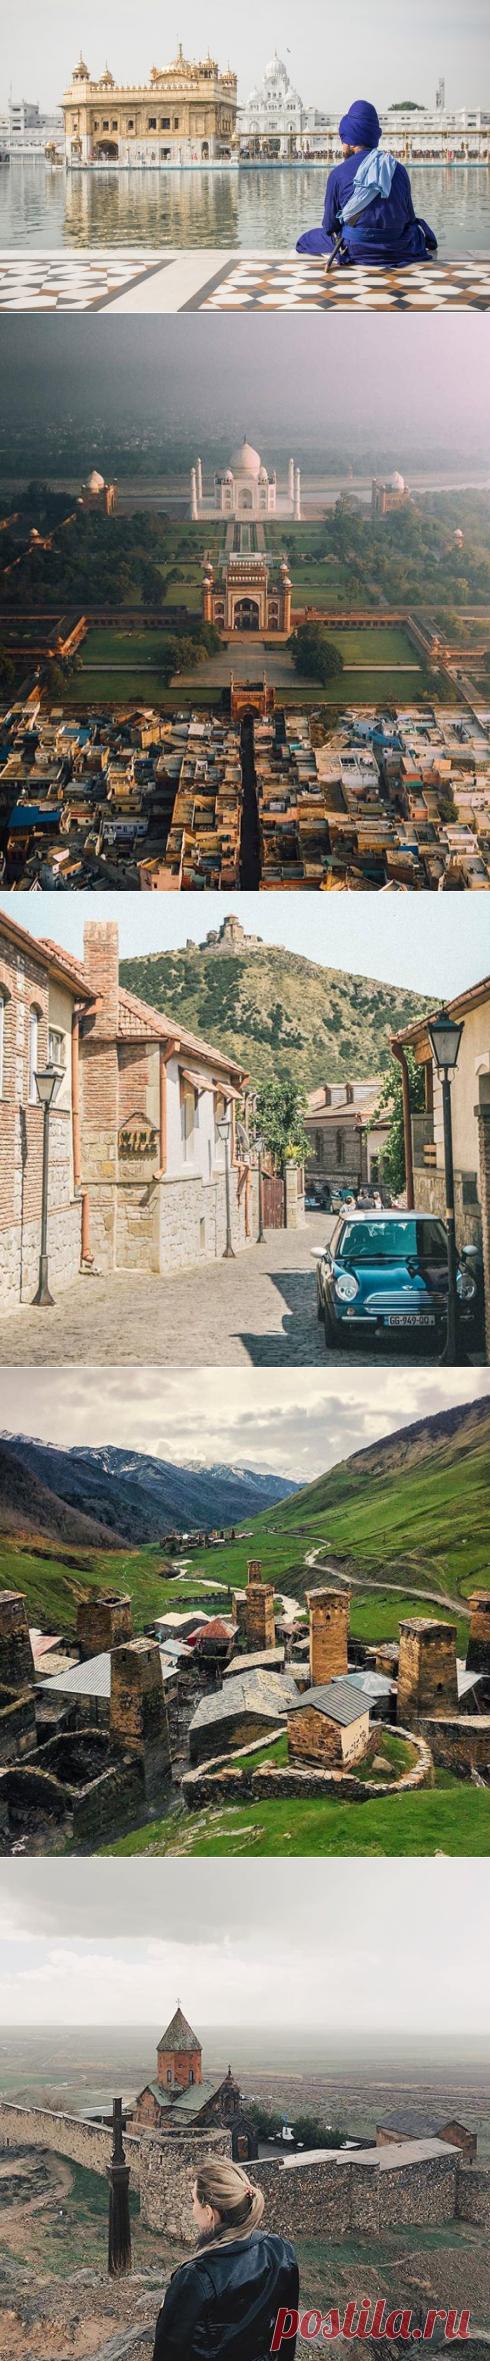 10 самых дешёвых и чарующих стран для отпуска в 2019 году / Туристический спутник